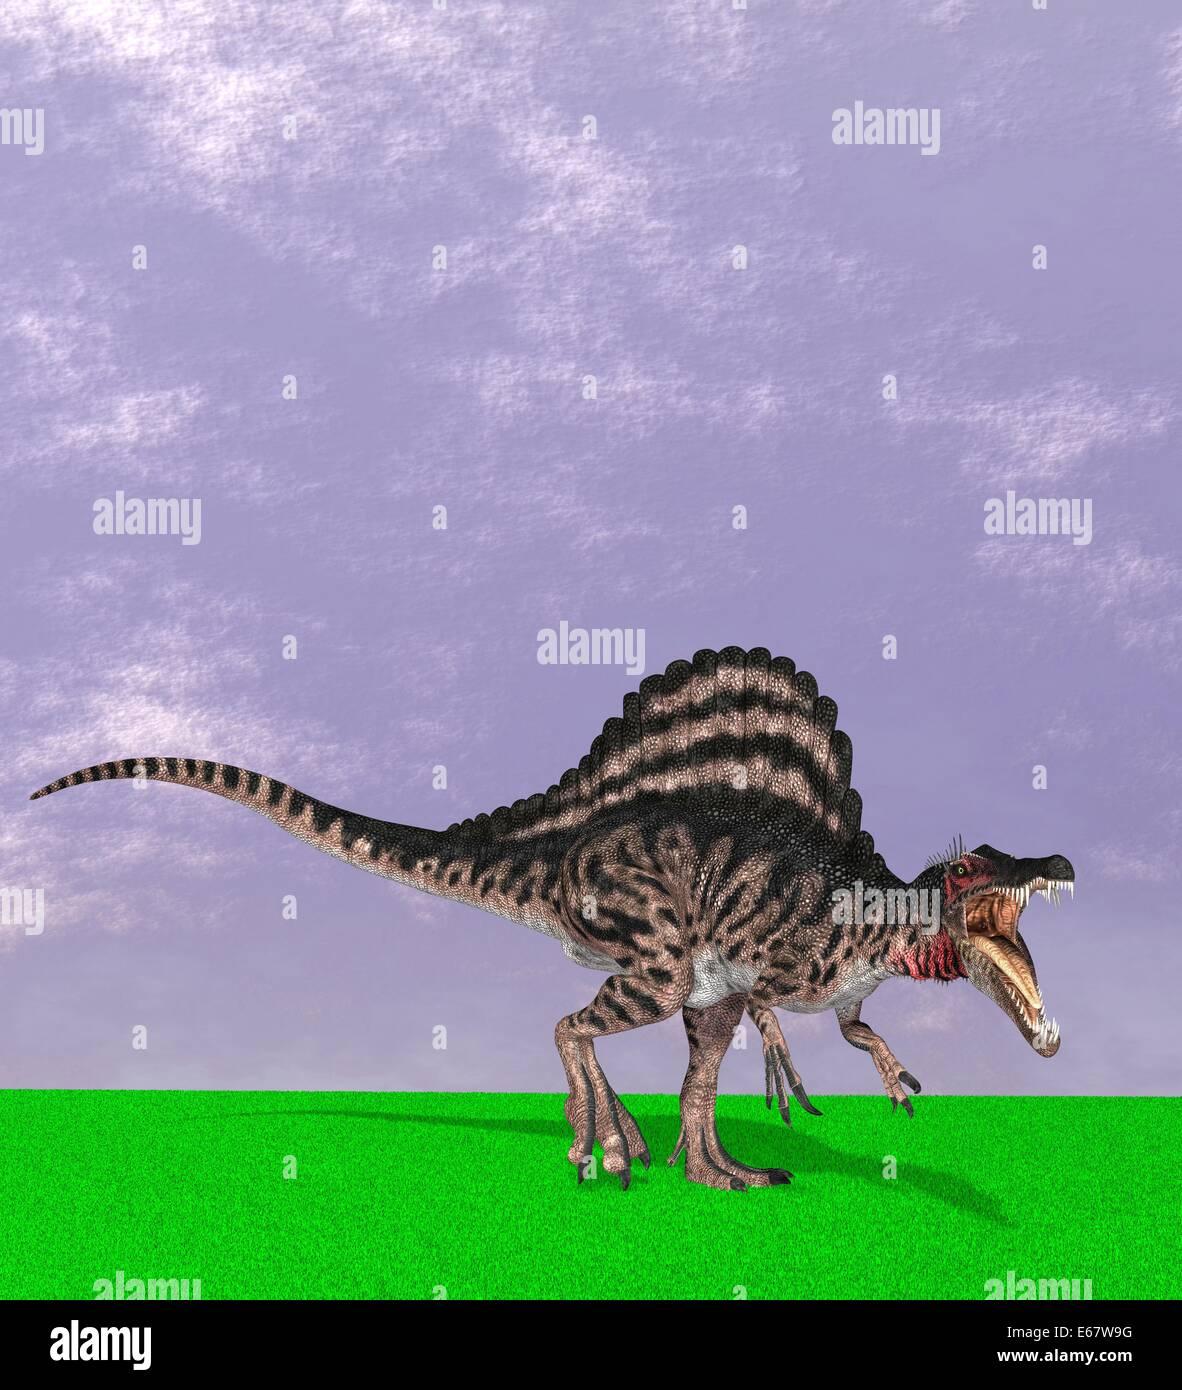 Spinosaurus Illustration Stock Photos & Spinosaurus Illustration ...